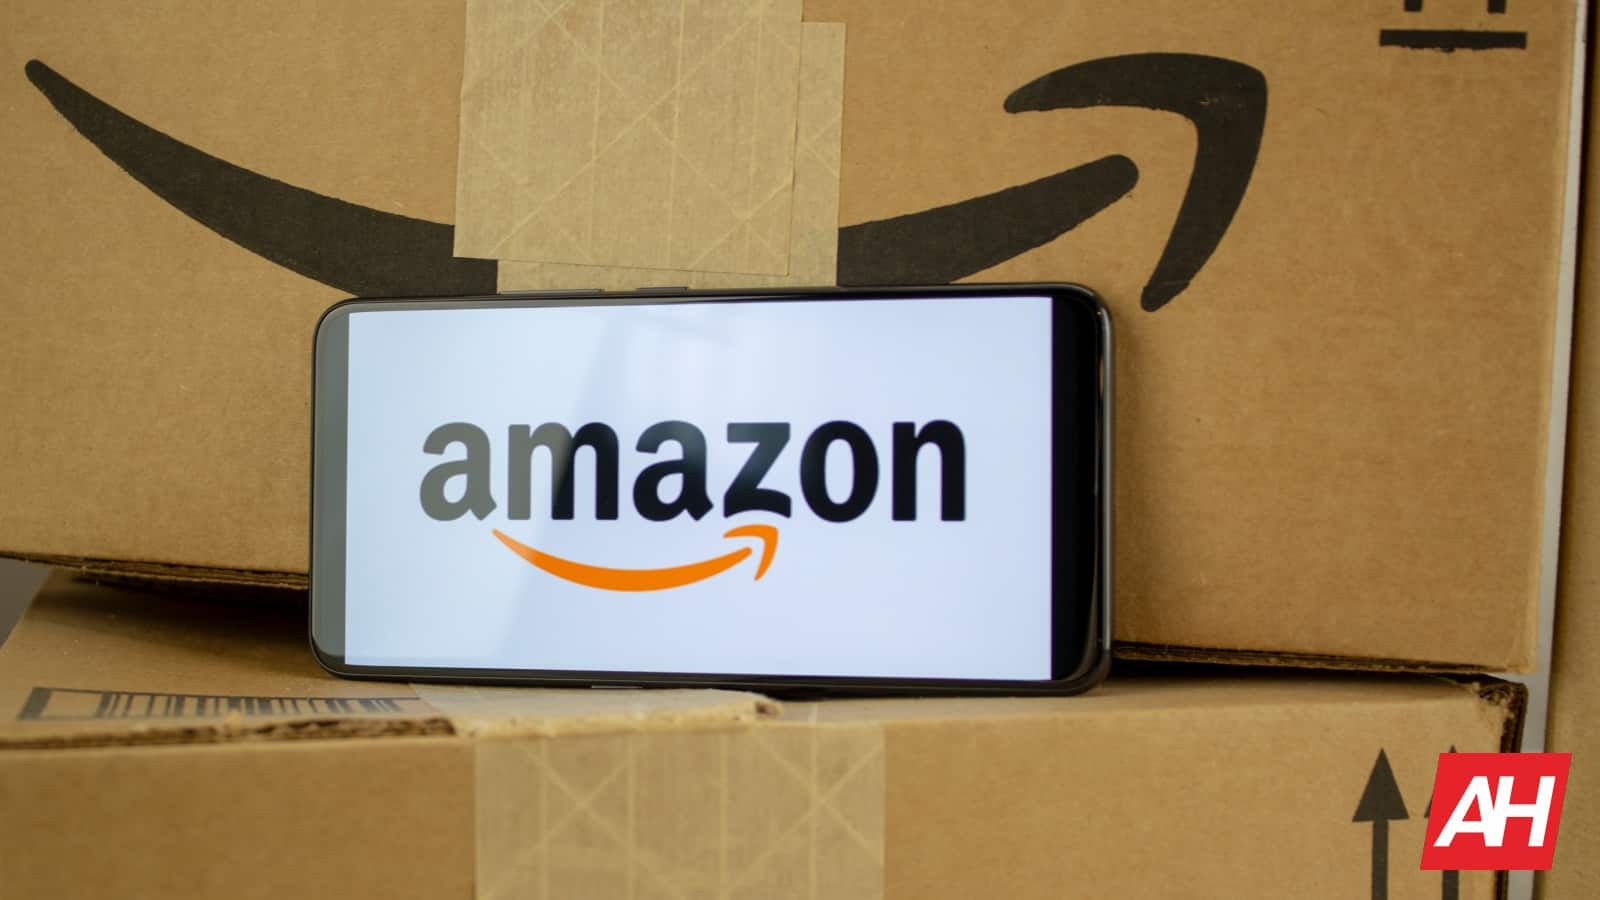 Amazon AH NS 05